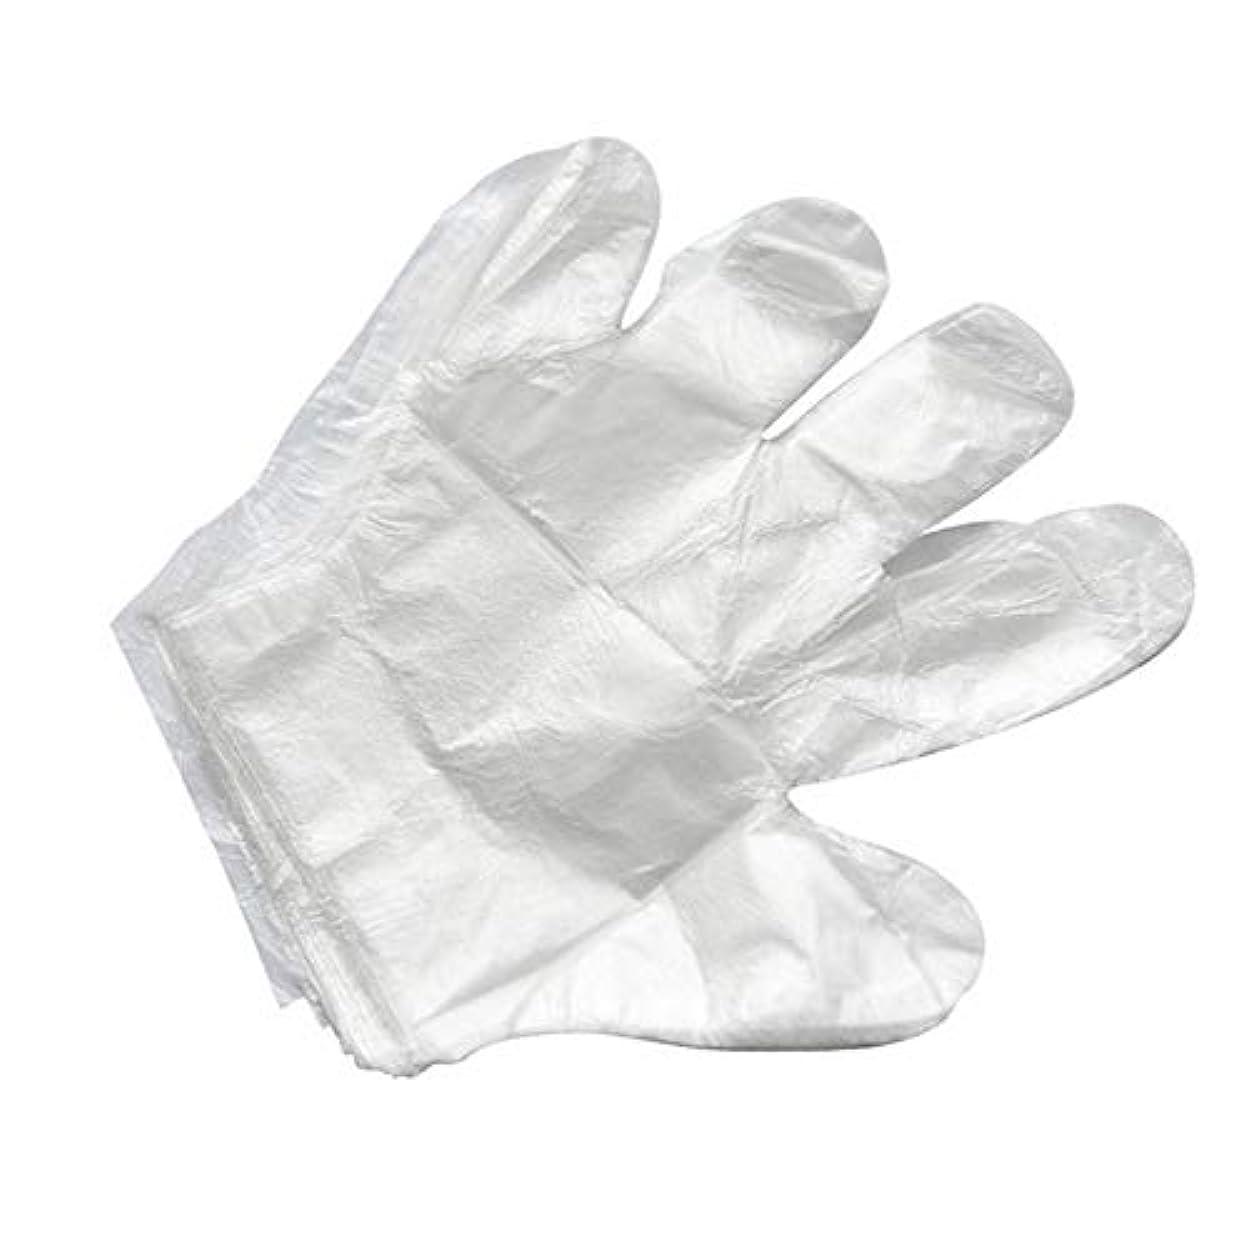 シングル分数匹敵します使い捨て手袋バーベキューアクセサリー高度なキャスティング手袋使い捨てケータリングDIYクリーニングヘアダイ食品グレードプラスチック手袋(2000)透明のみ